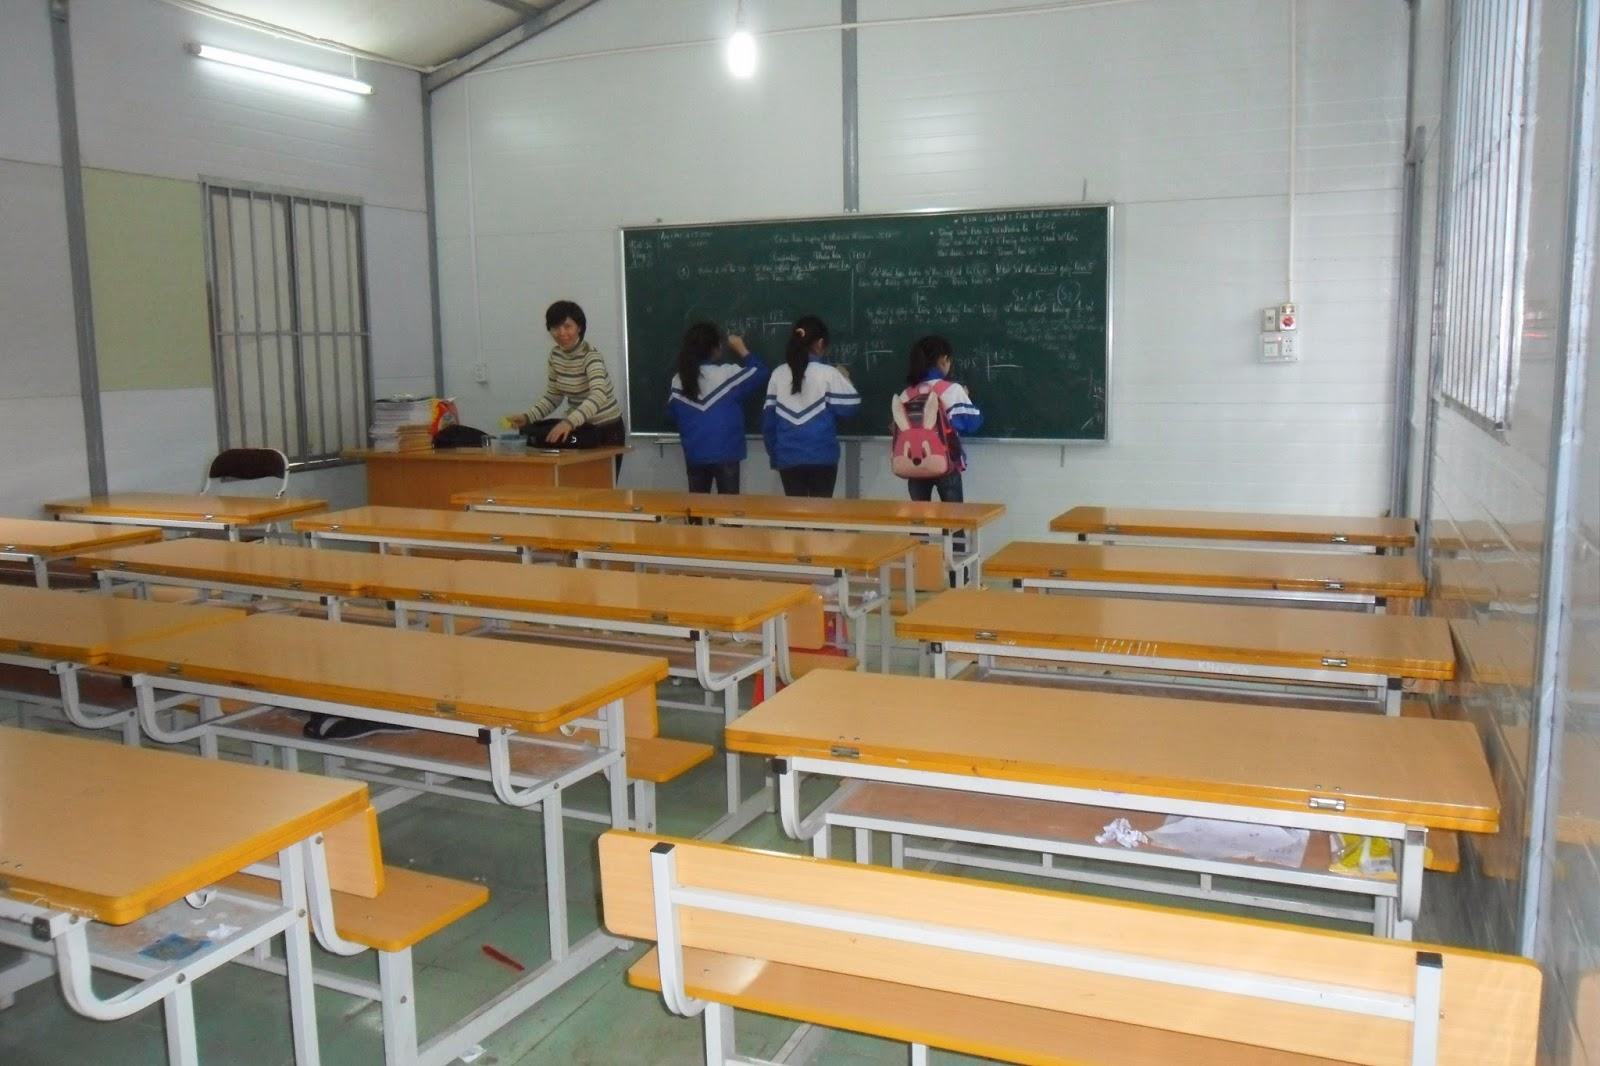 nhà lắp ghép trường học